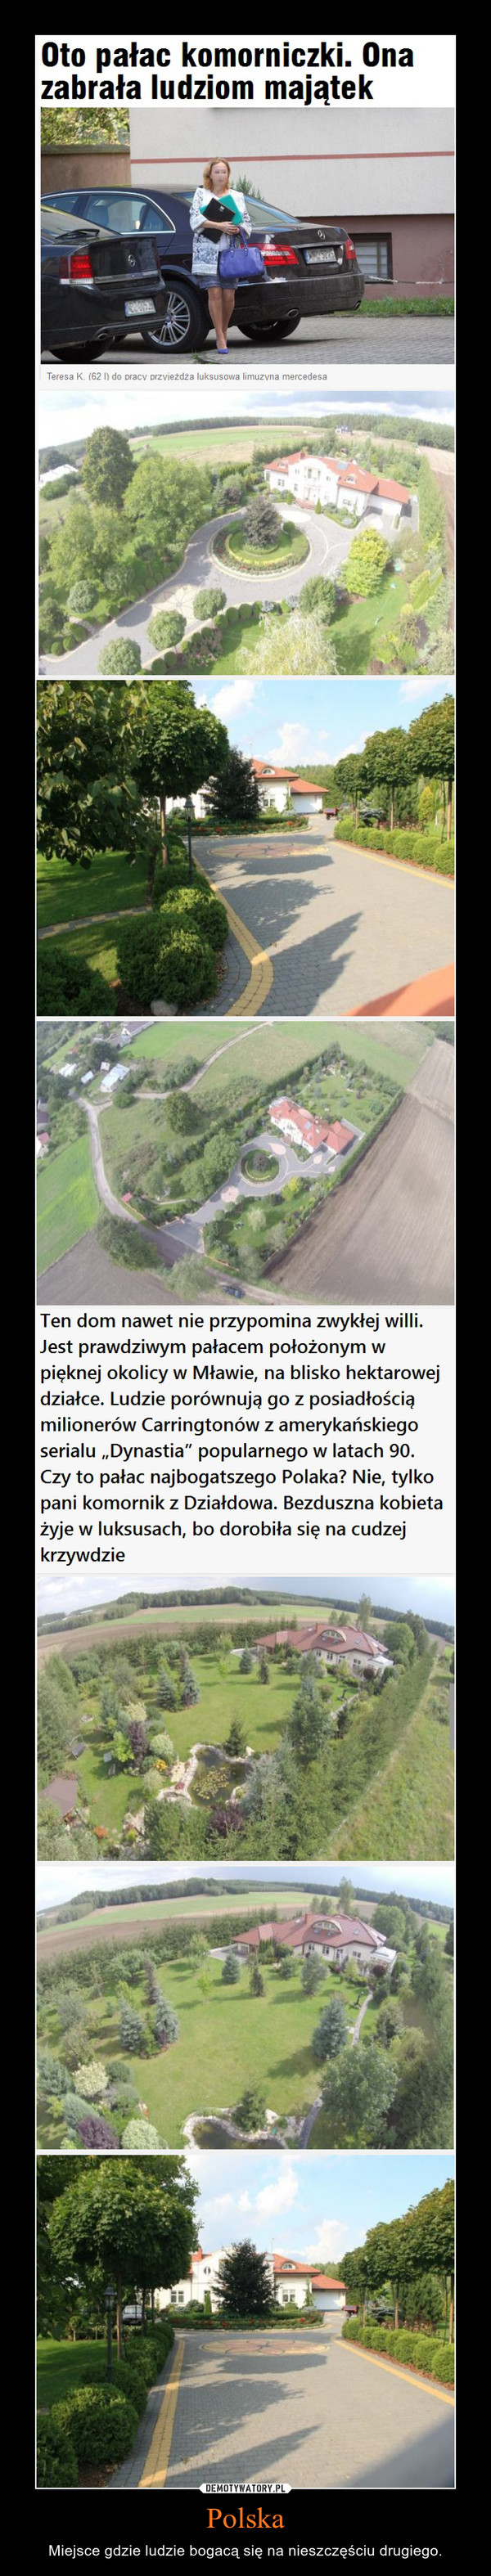 Polska – Miejsce gdzie ludzie bogacą się na nieszczęściu drugiego.